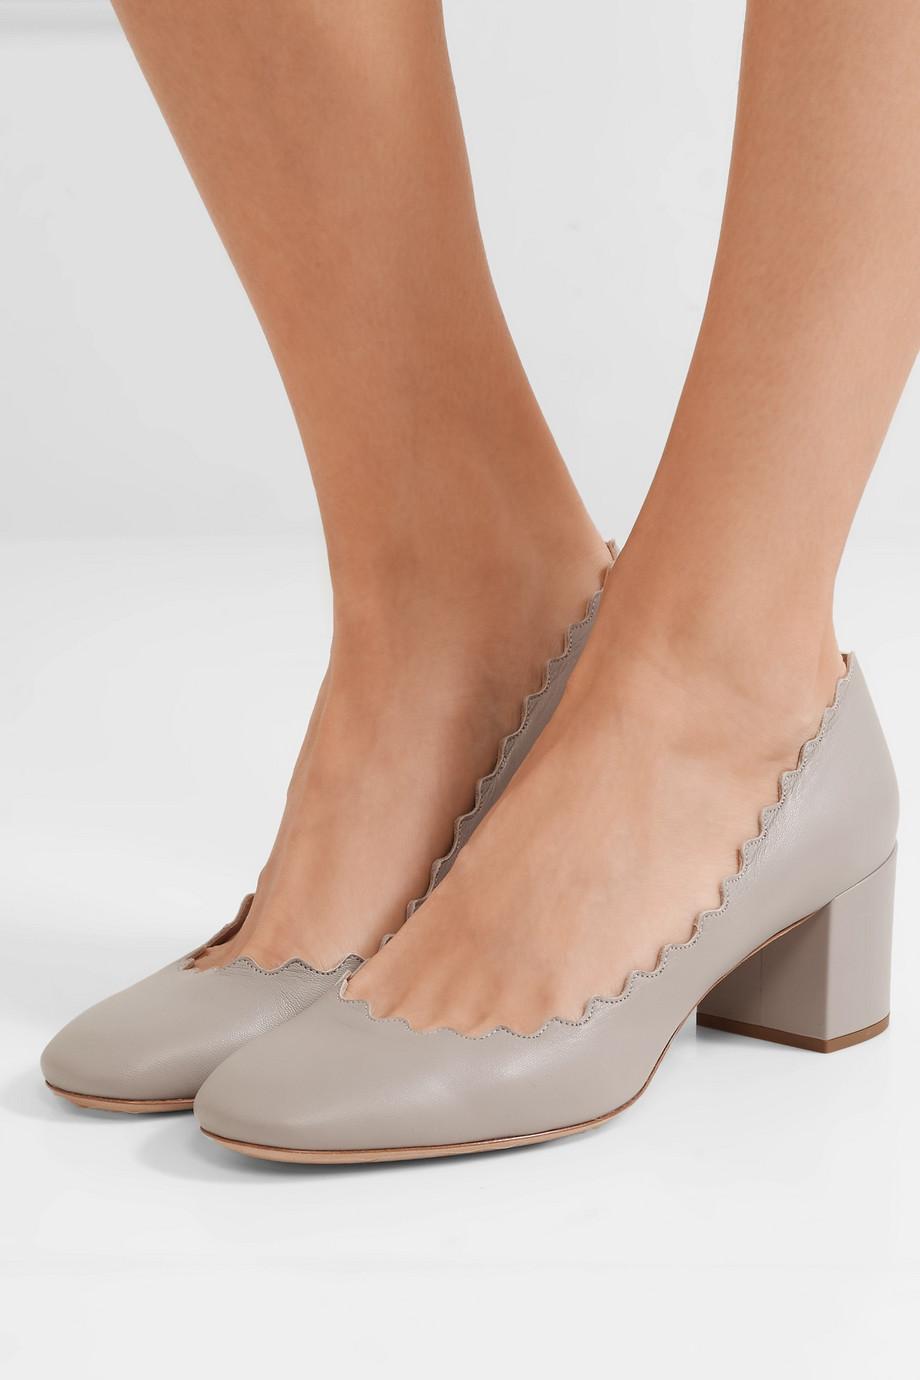 Chloé Lauren 扇贝边皮革中跟鞋